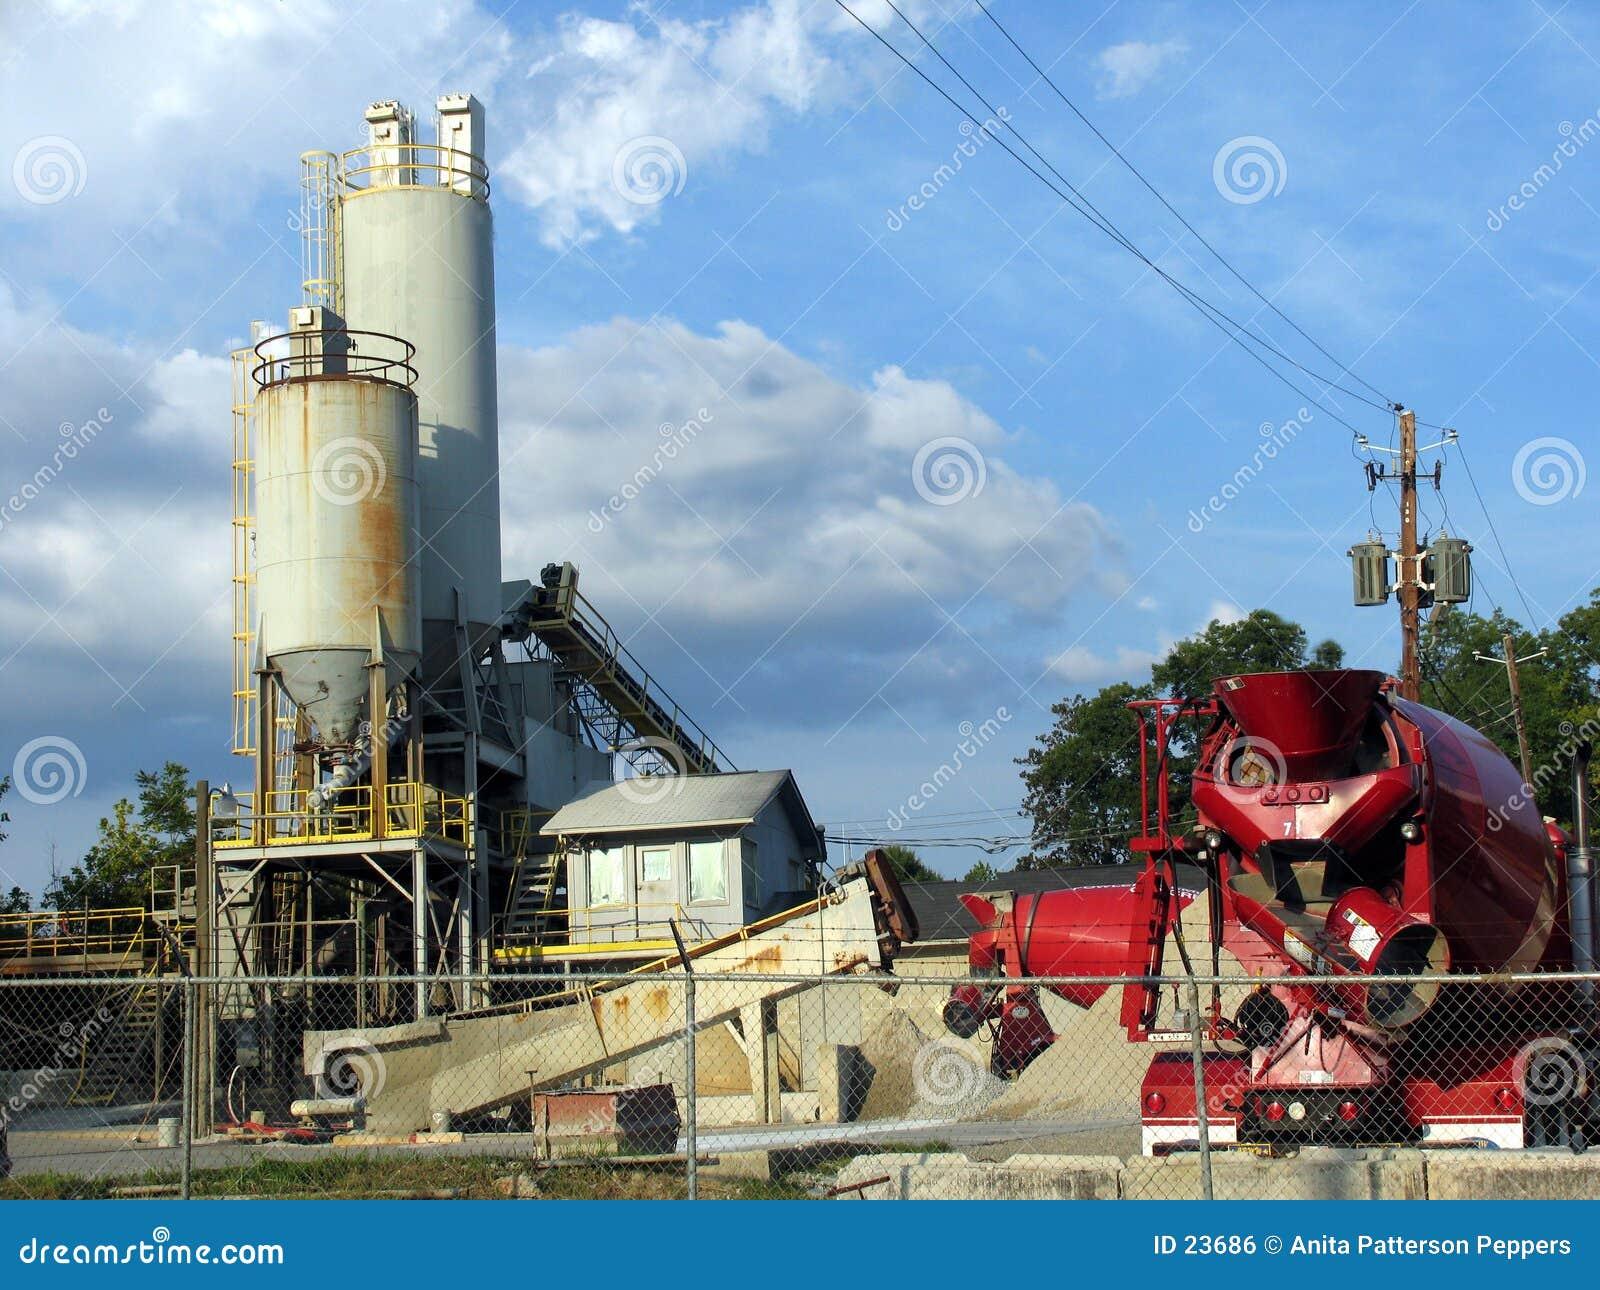 Download Fabbrica concreta fotografia stock. Immagine di rosso, deposito - 23686